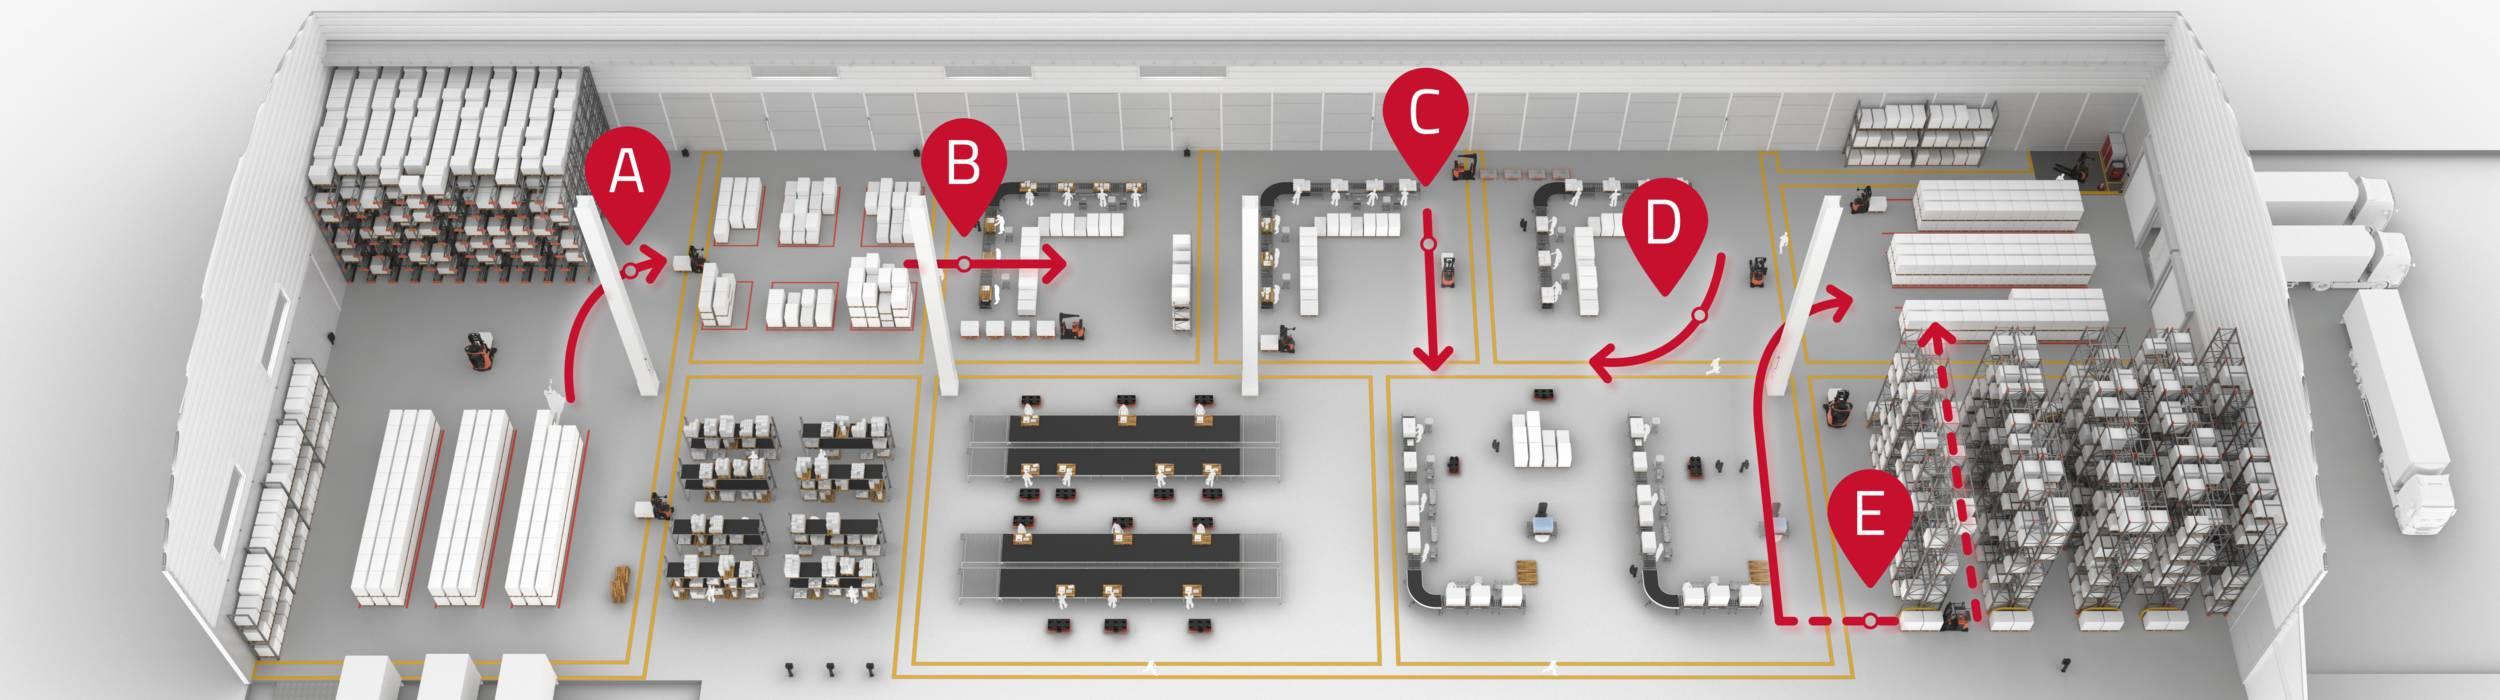 førerløse AGV truck - automatisering af lager